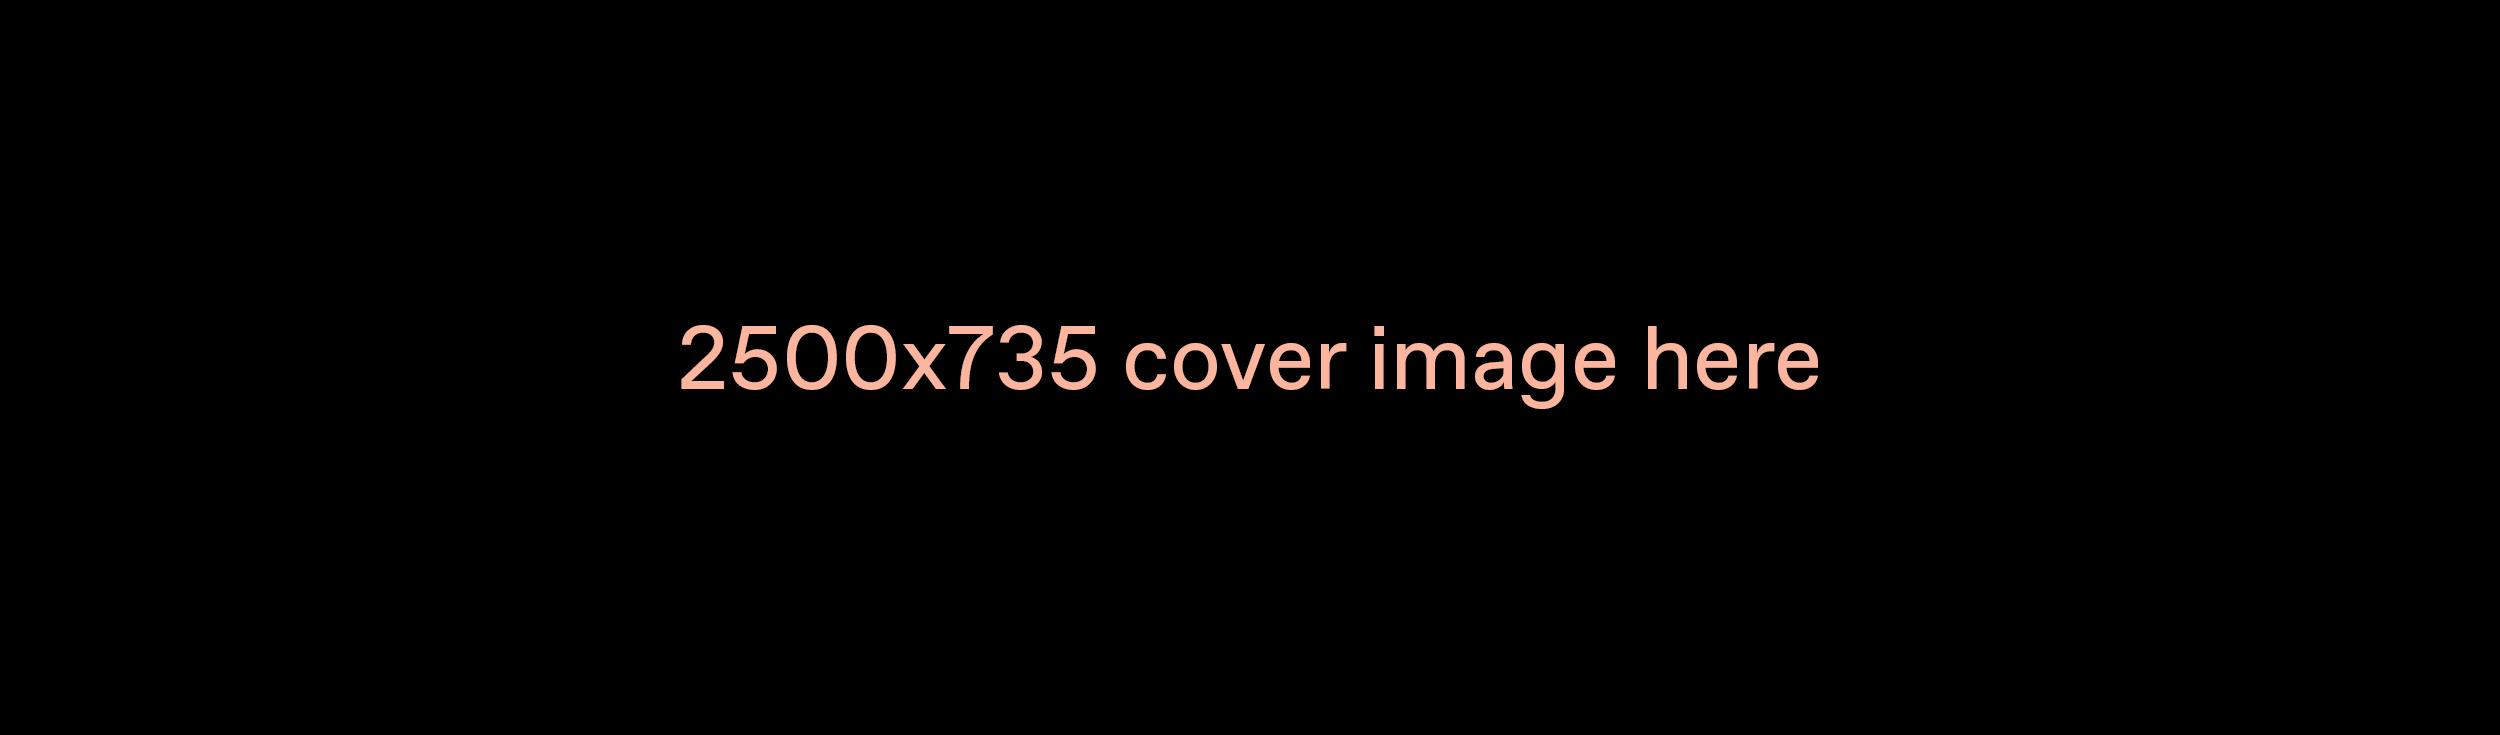 coverimage.jpg